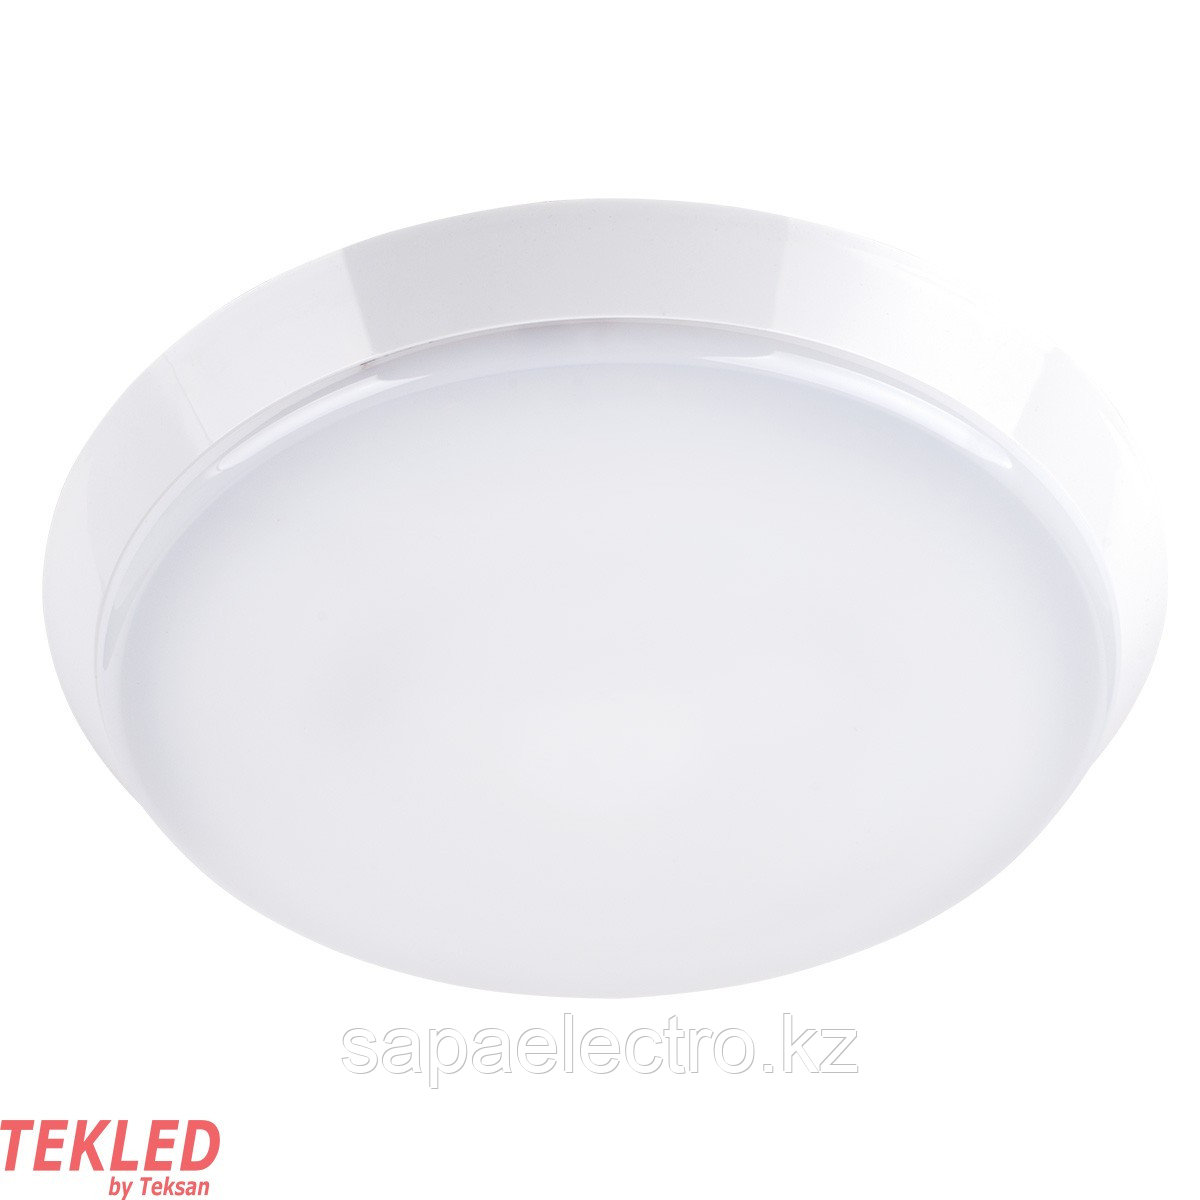 Св-к UFO MINI LED 18W 4000K  MGL (5/60шт)